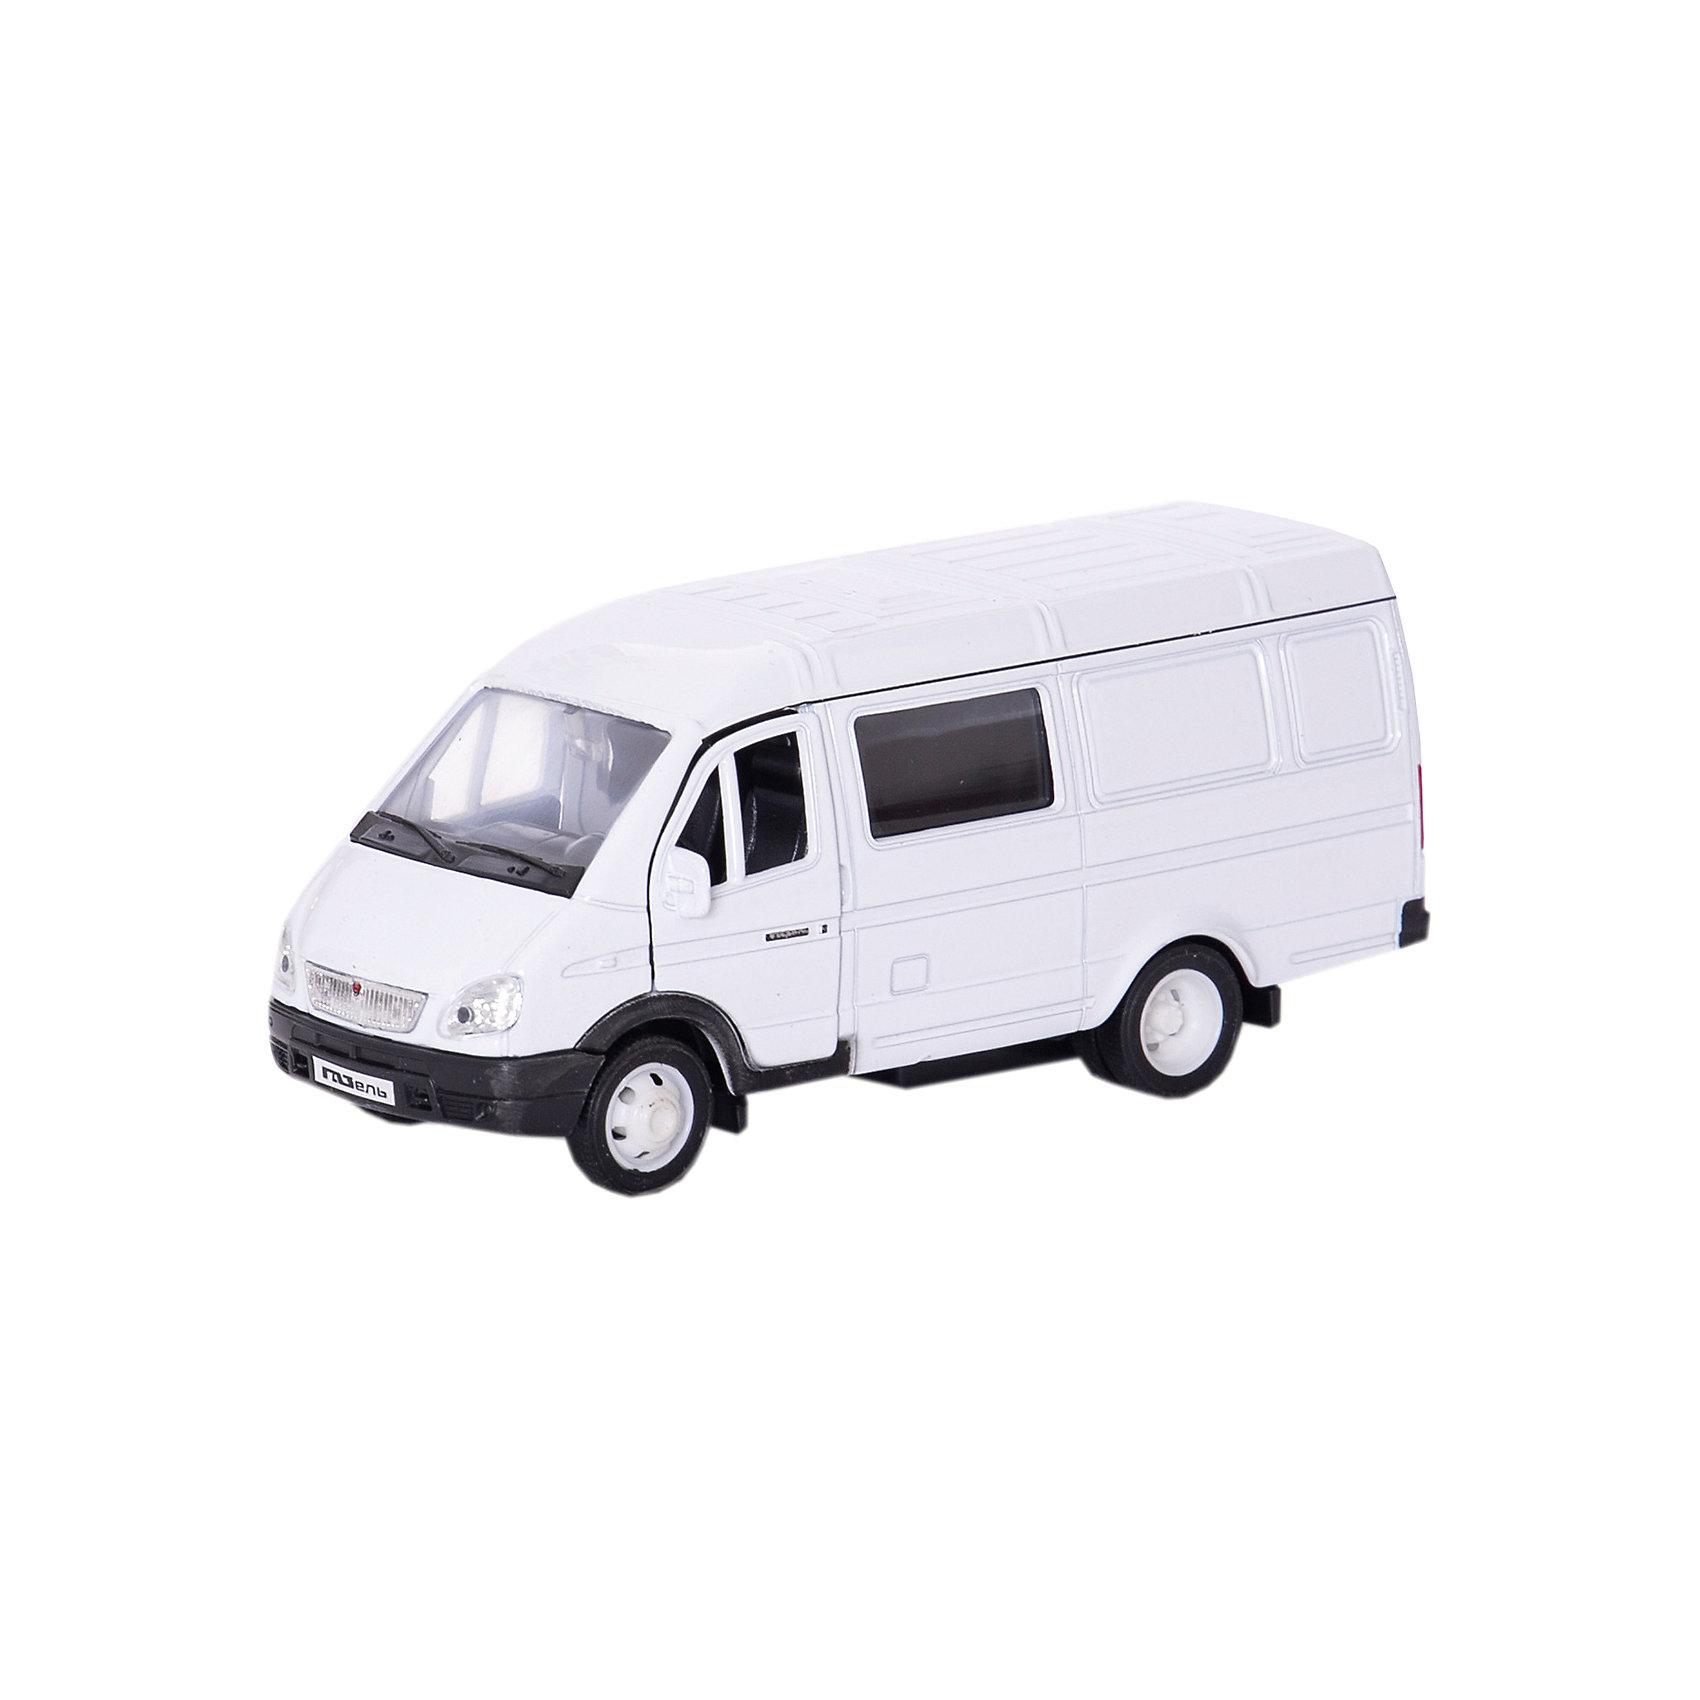 Welly Модель машины ГАЗель фургон с окномWelly Модель машины ГАЗель фургон с окном<br><br>Характеристика:<br><br>-Размер : 12х3,5 см<br>-Вес: 0,15 кг<br>-Для мальчиков<br>-Возраст: от 3 лет<br>-Материал: пластик, металл, резина<br>-Цвет: белый<br>-Бренд: Welly<br>-Производитель: Китай<br><br>Welly Модель машины ГАЗель фургон с окном - это уменьшенная версия настоящего автомобиля. Машина имеет систему открывания передних дверей и инерционный механизм. В процессе игры ребёнок будет развивать фантазию, воображение и моторику рук. <br><br>Welly Модель машины ГАЗель фургон с окном можно приобрести в нашем интернет-магазине.<br><br>Ширина мм: 165<br>Глубина мм: 60<br>Высота мм: 140<br>Вес г: 243<br>Возраст от месяцев: 84<br>Возраст до месяцев: 1188<br>Пол: Мужской<br>Возраст: Детский<br>SKU: 2150224